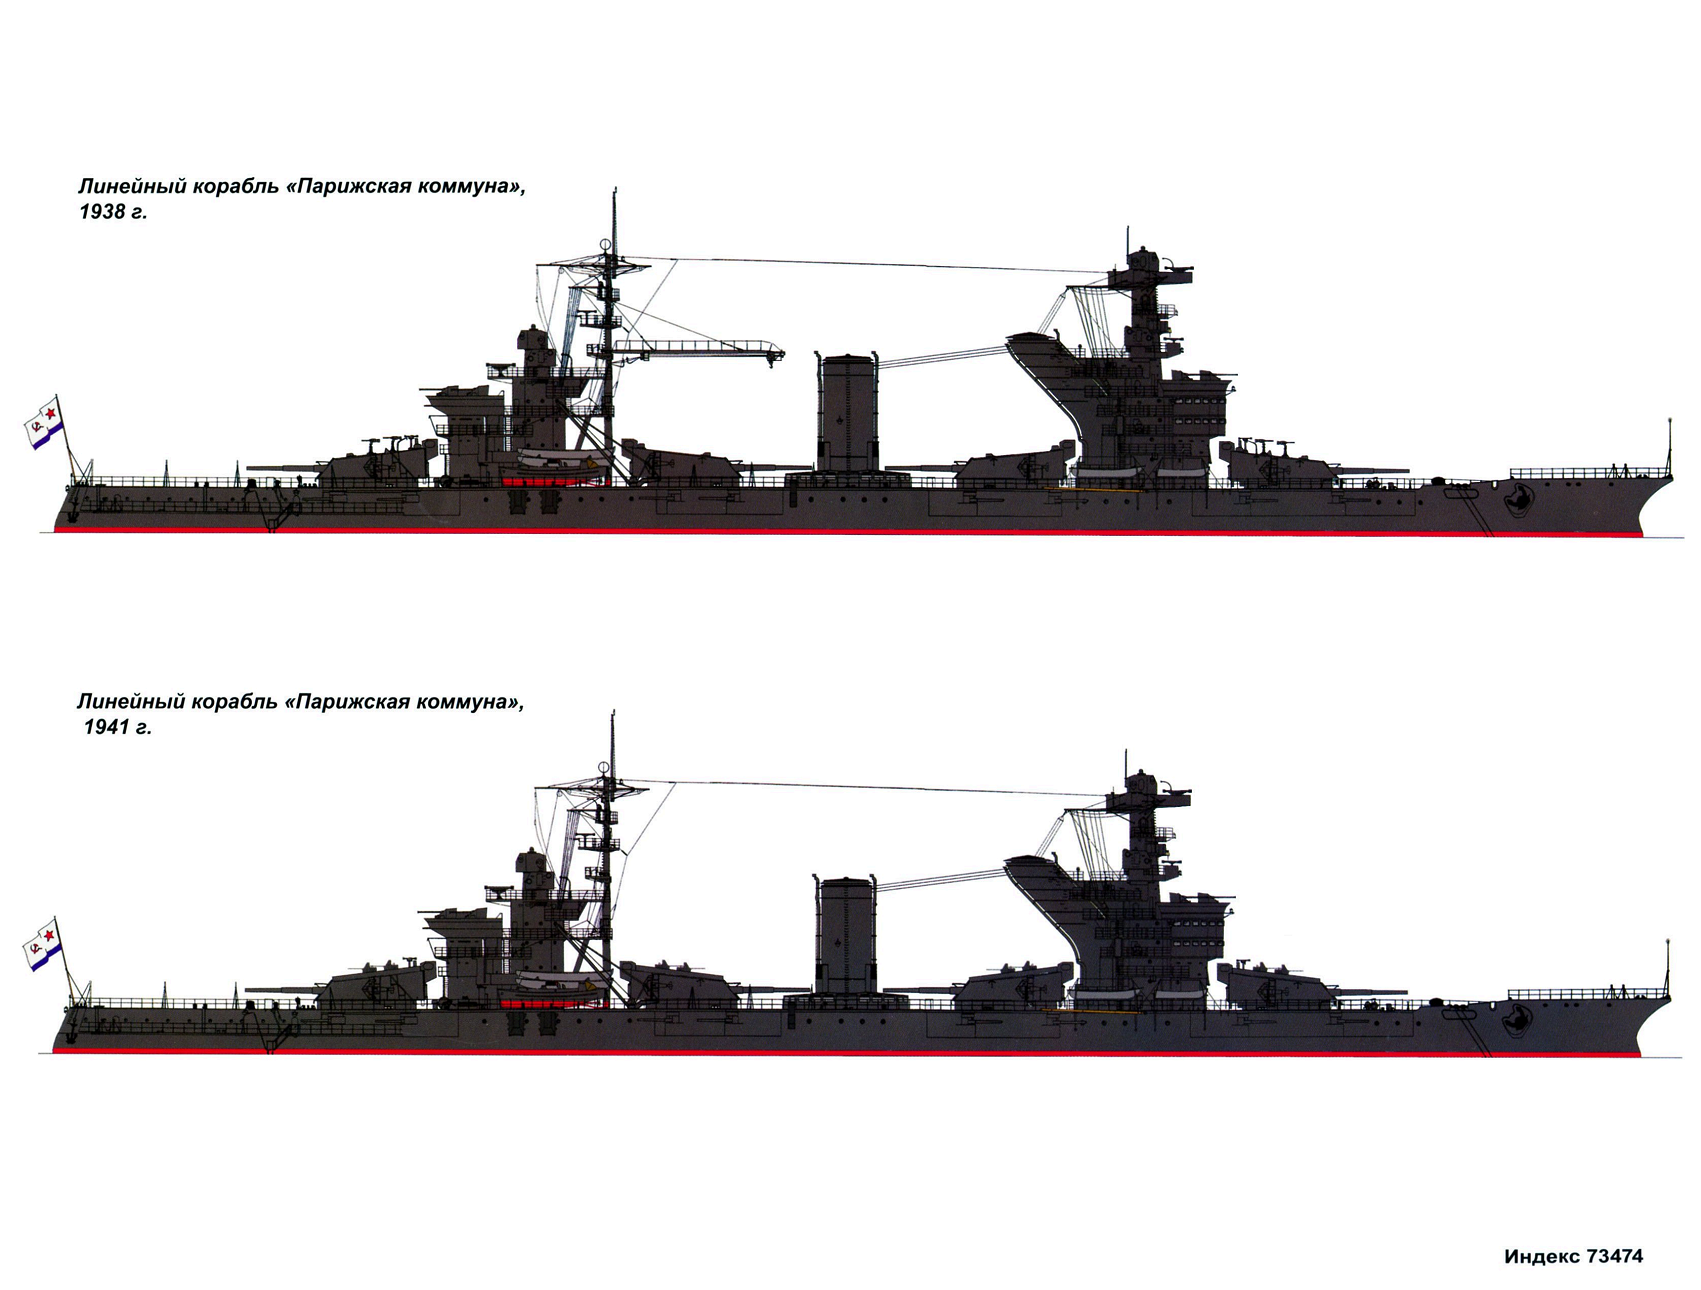 hight resolution of russian battleship komuna paryska